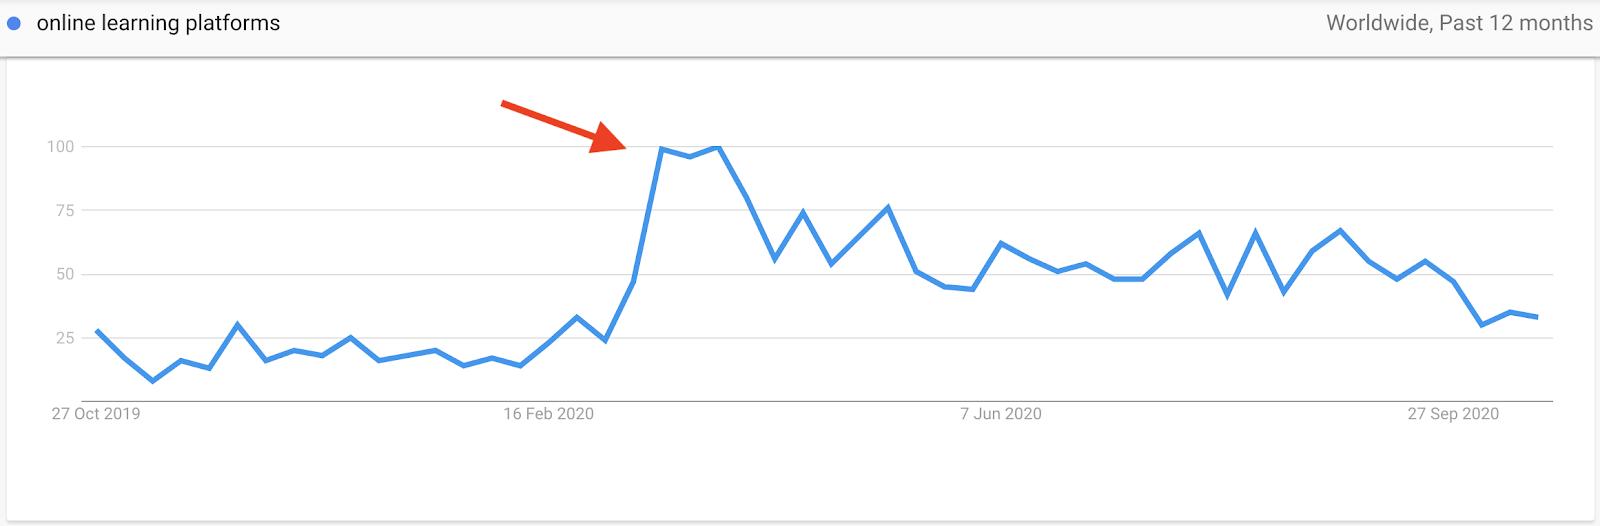 Google trends report